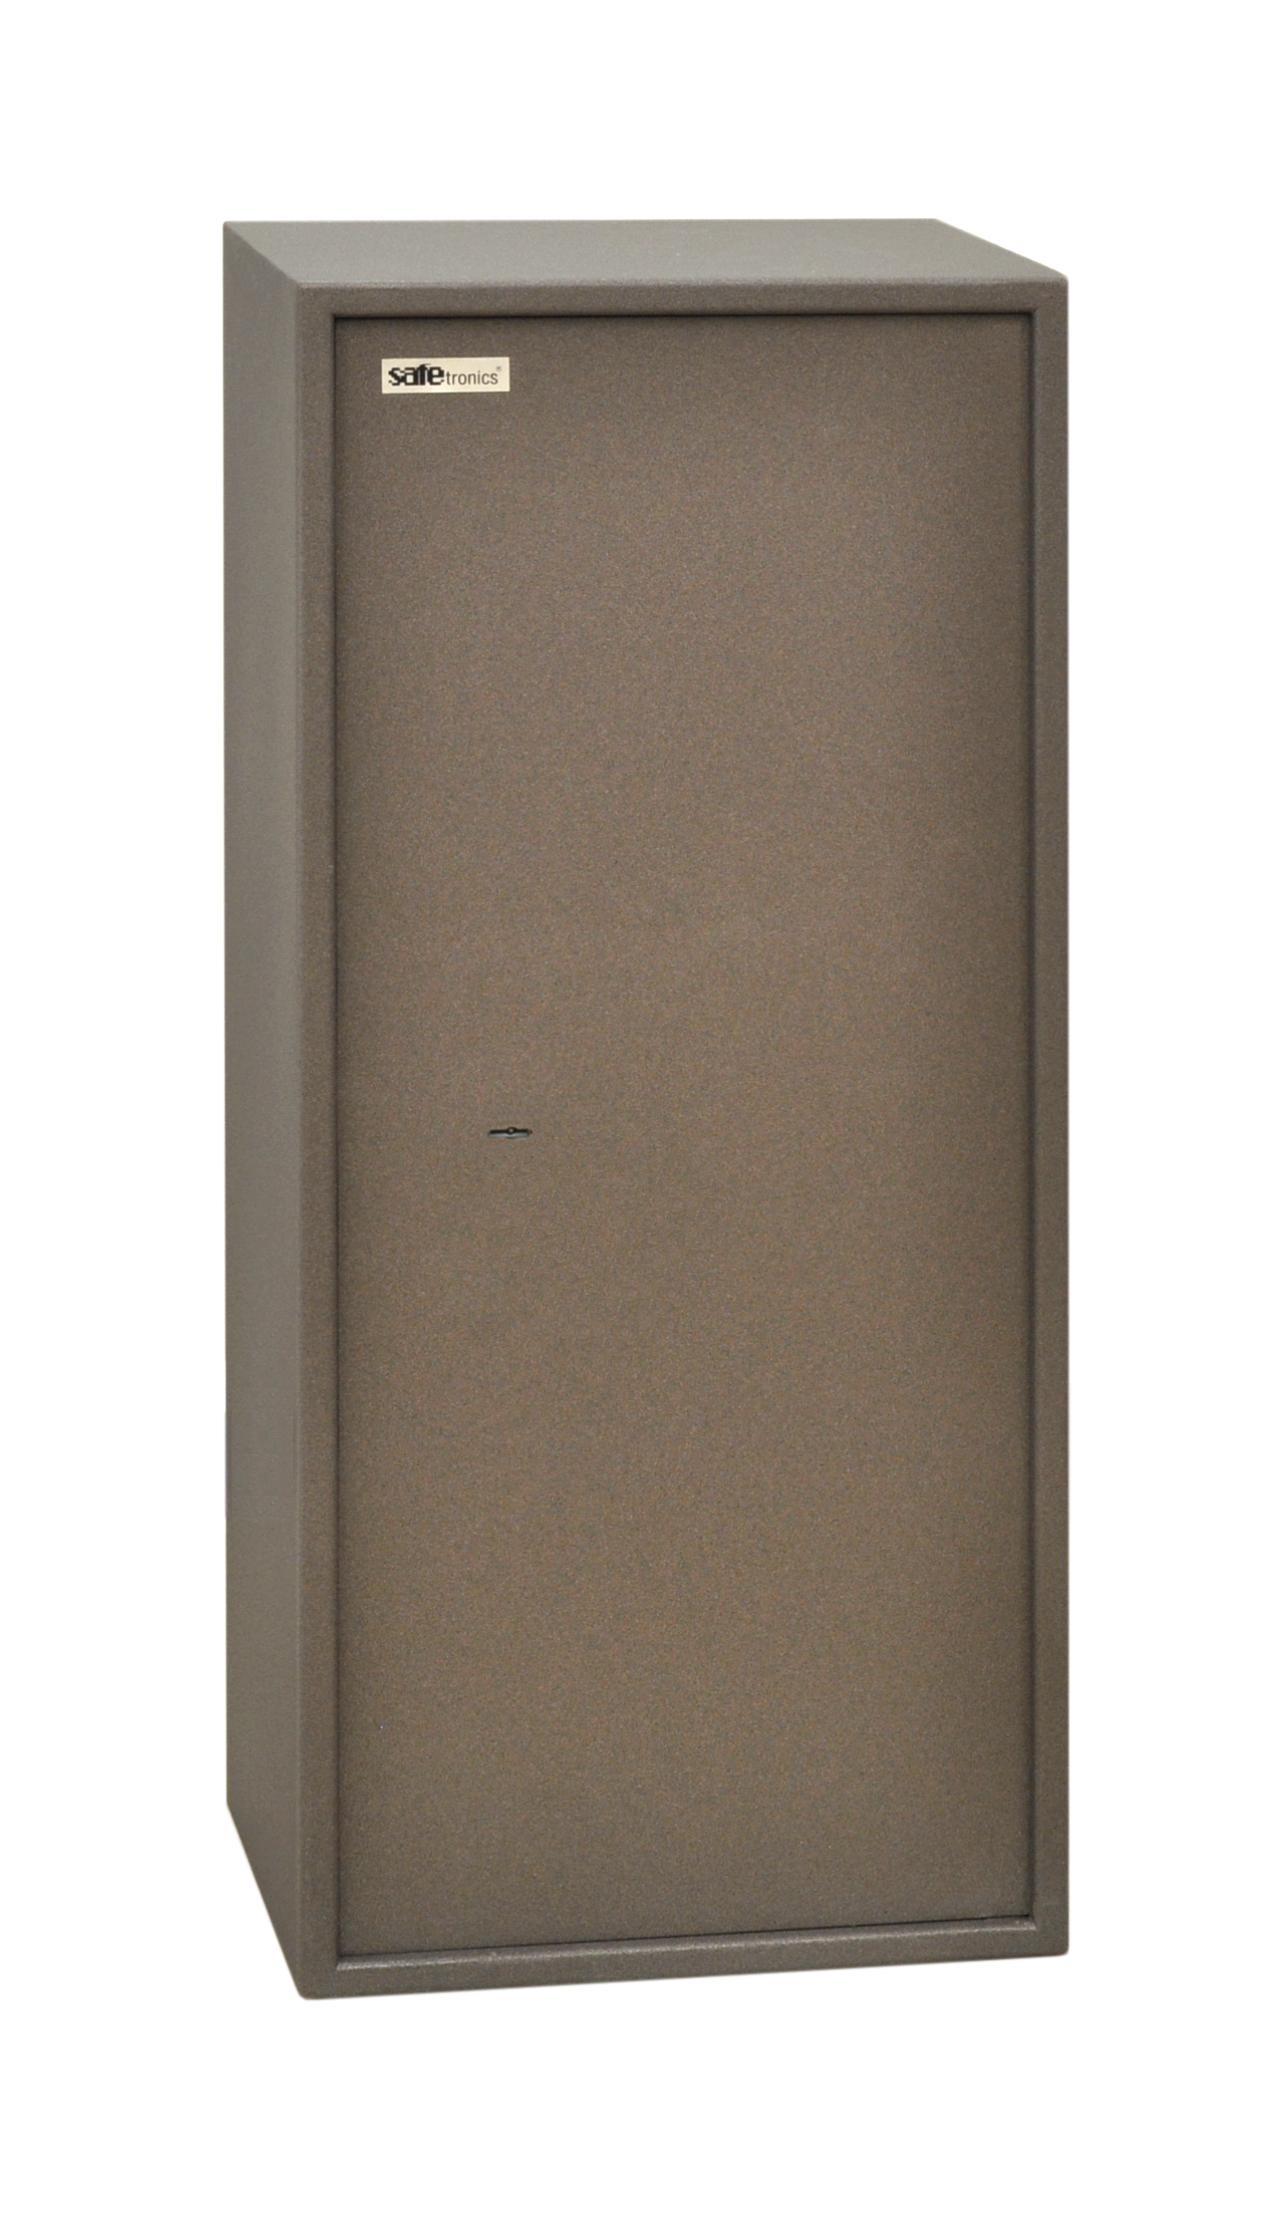 Nábytkový sejf SAFEtronics ZSL 100 M